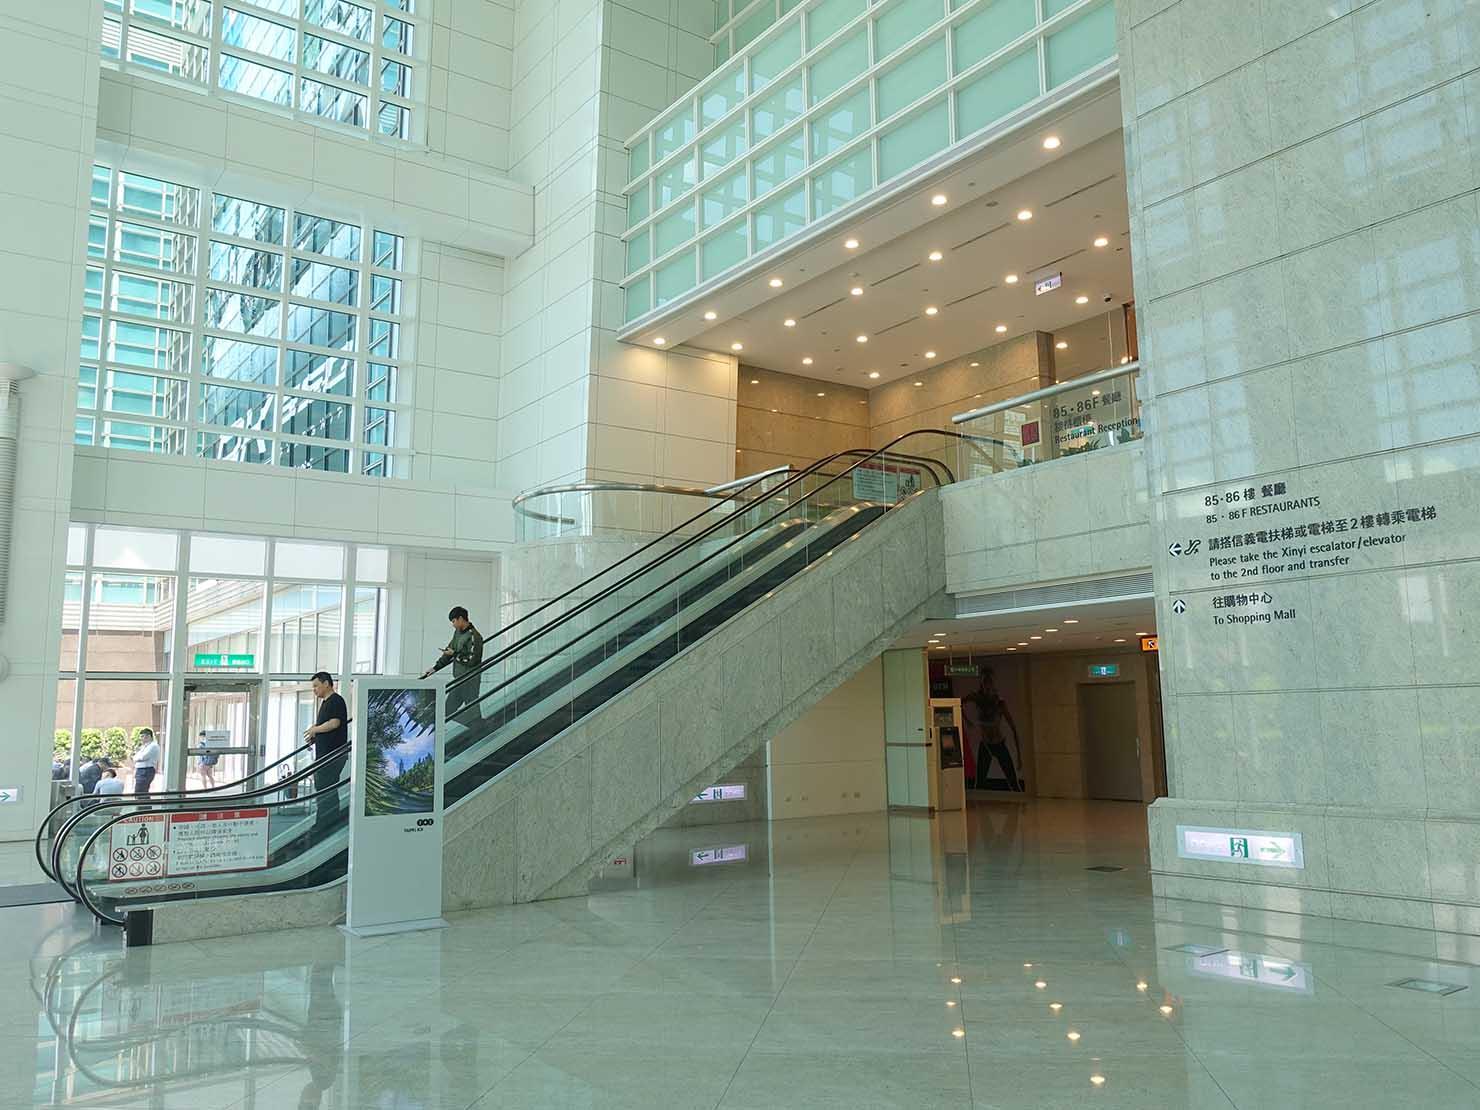 台北101のオフィスエリアのエントランスにあるエスカレーター